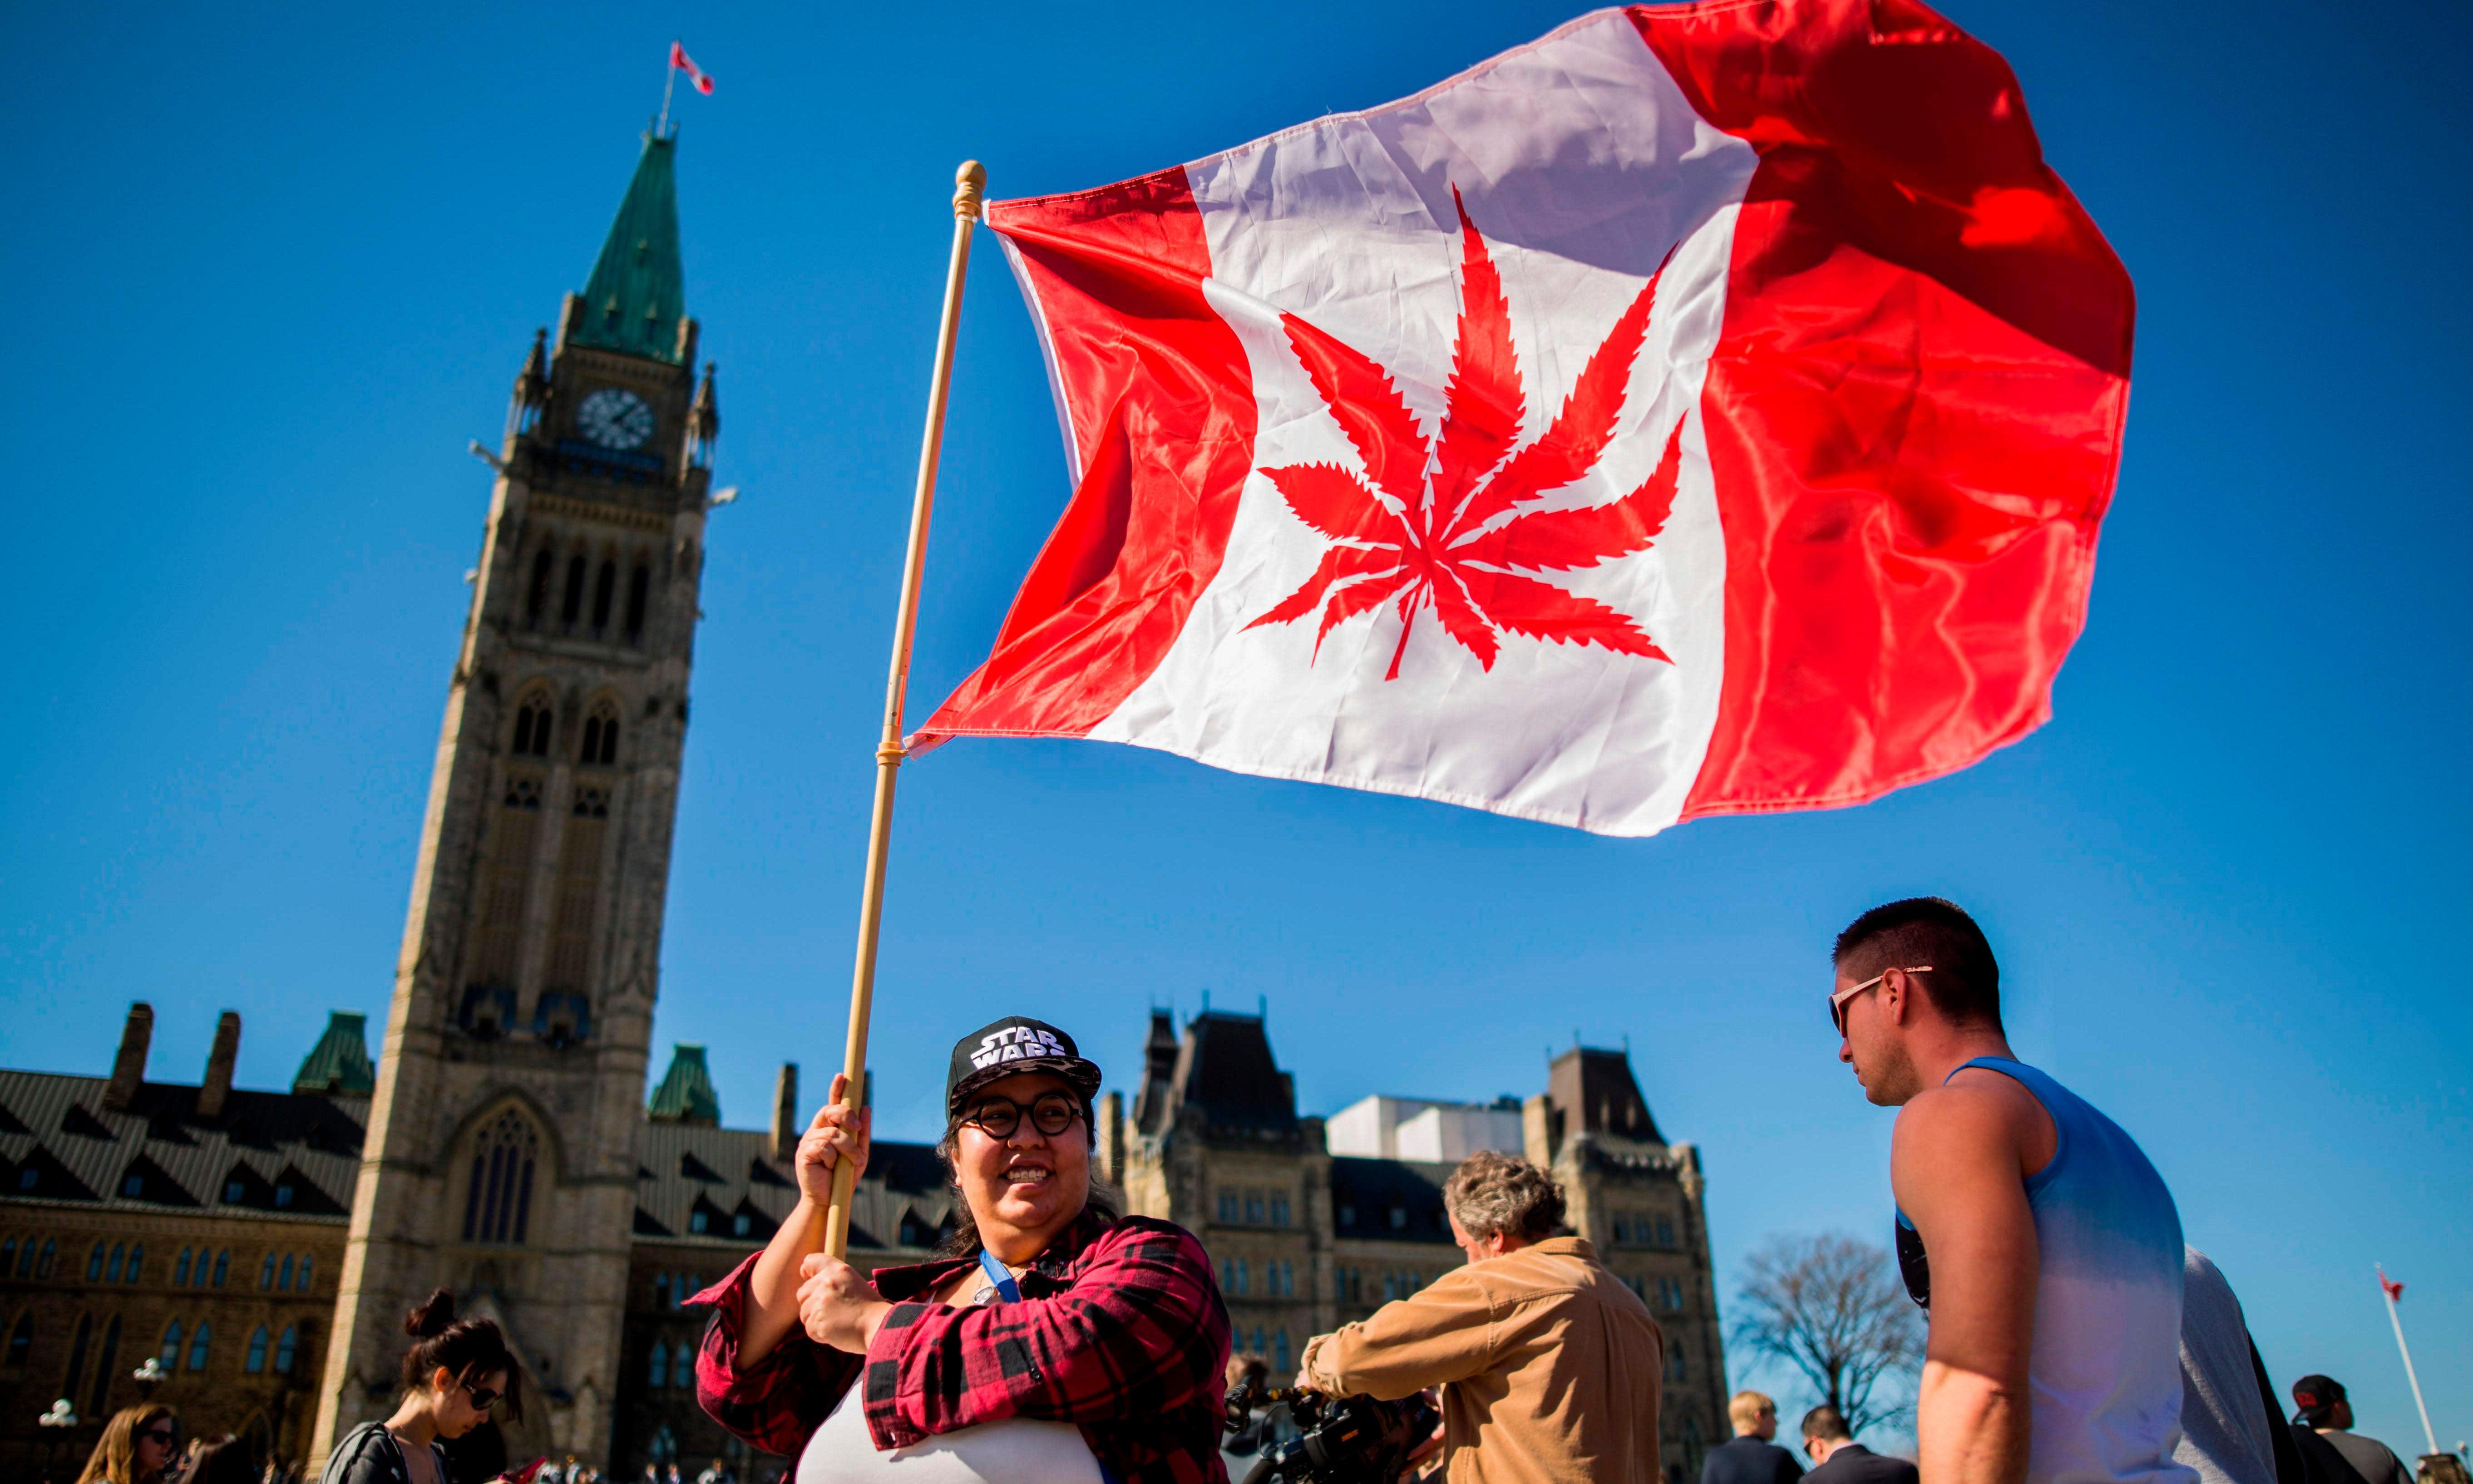 Легализация марихуана канада пилотаж конопля высокий